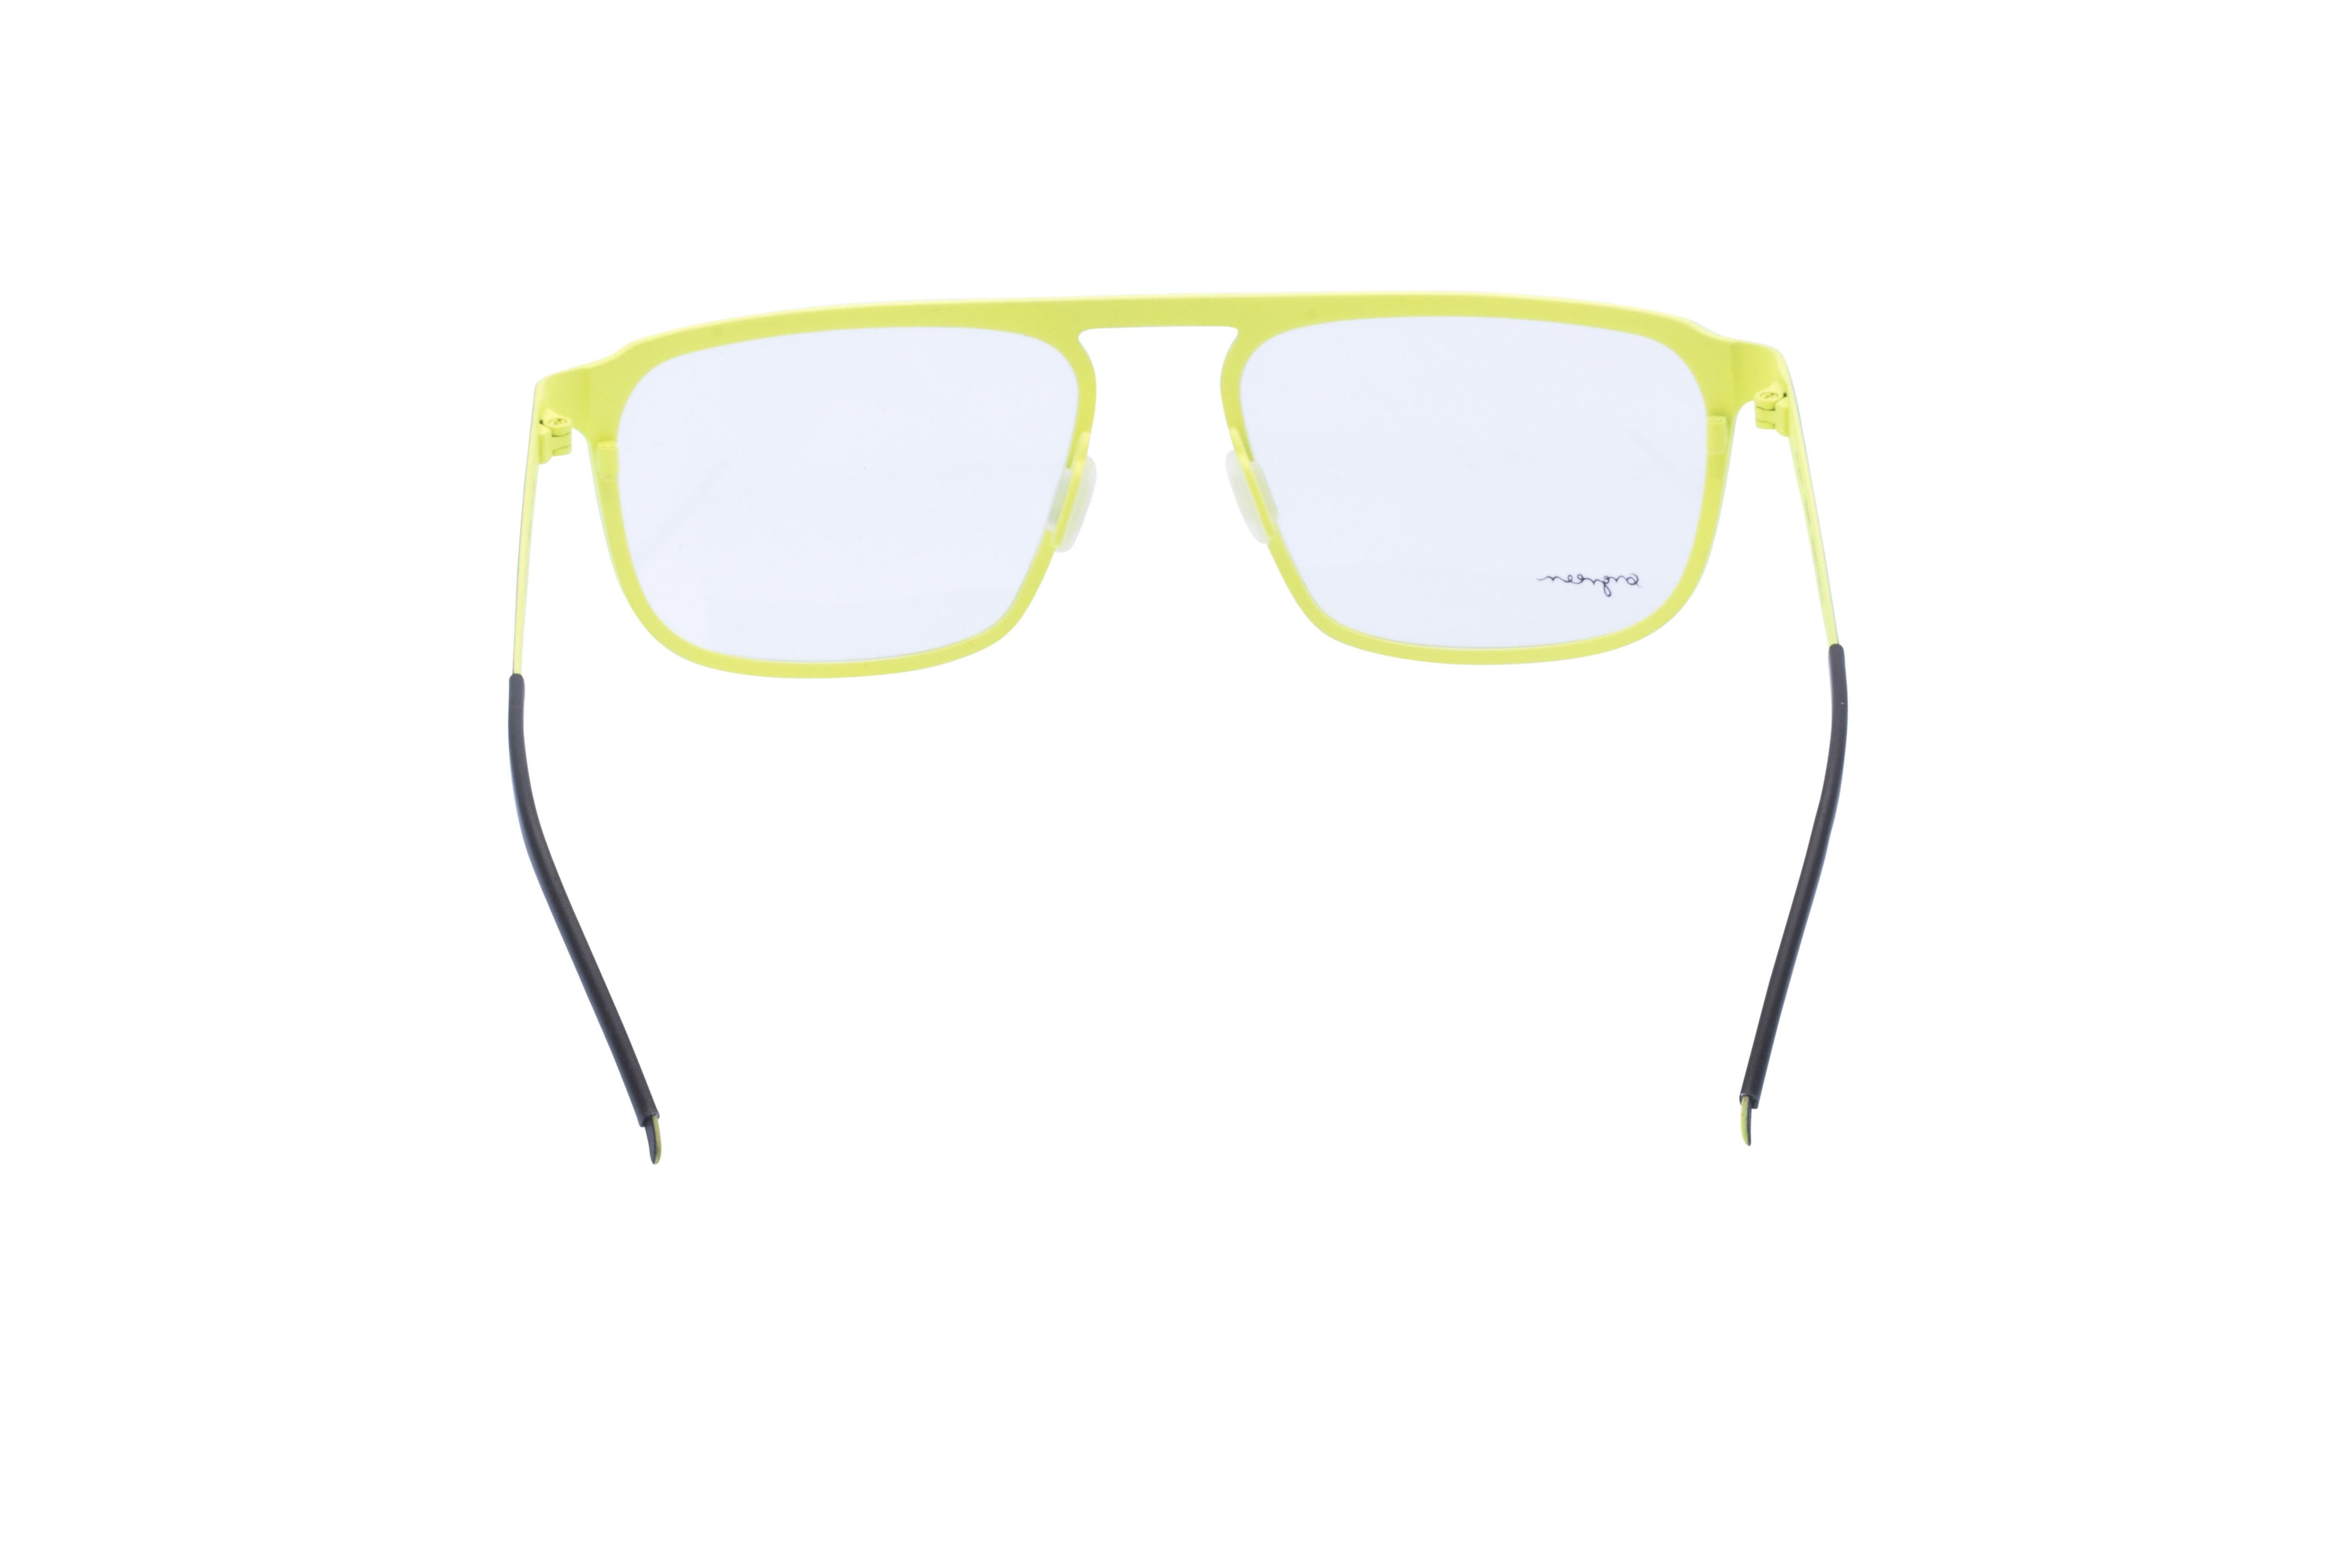 360 Grad Ansicht 12 Orgreen Crow, Brille auf Weiß - Fassung bei KUNK